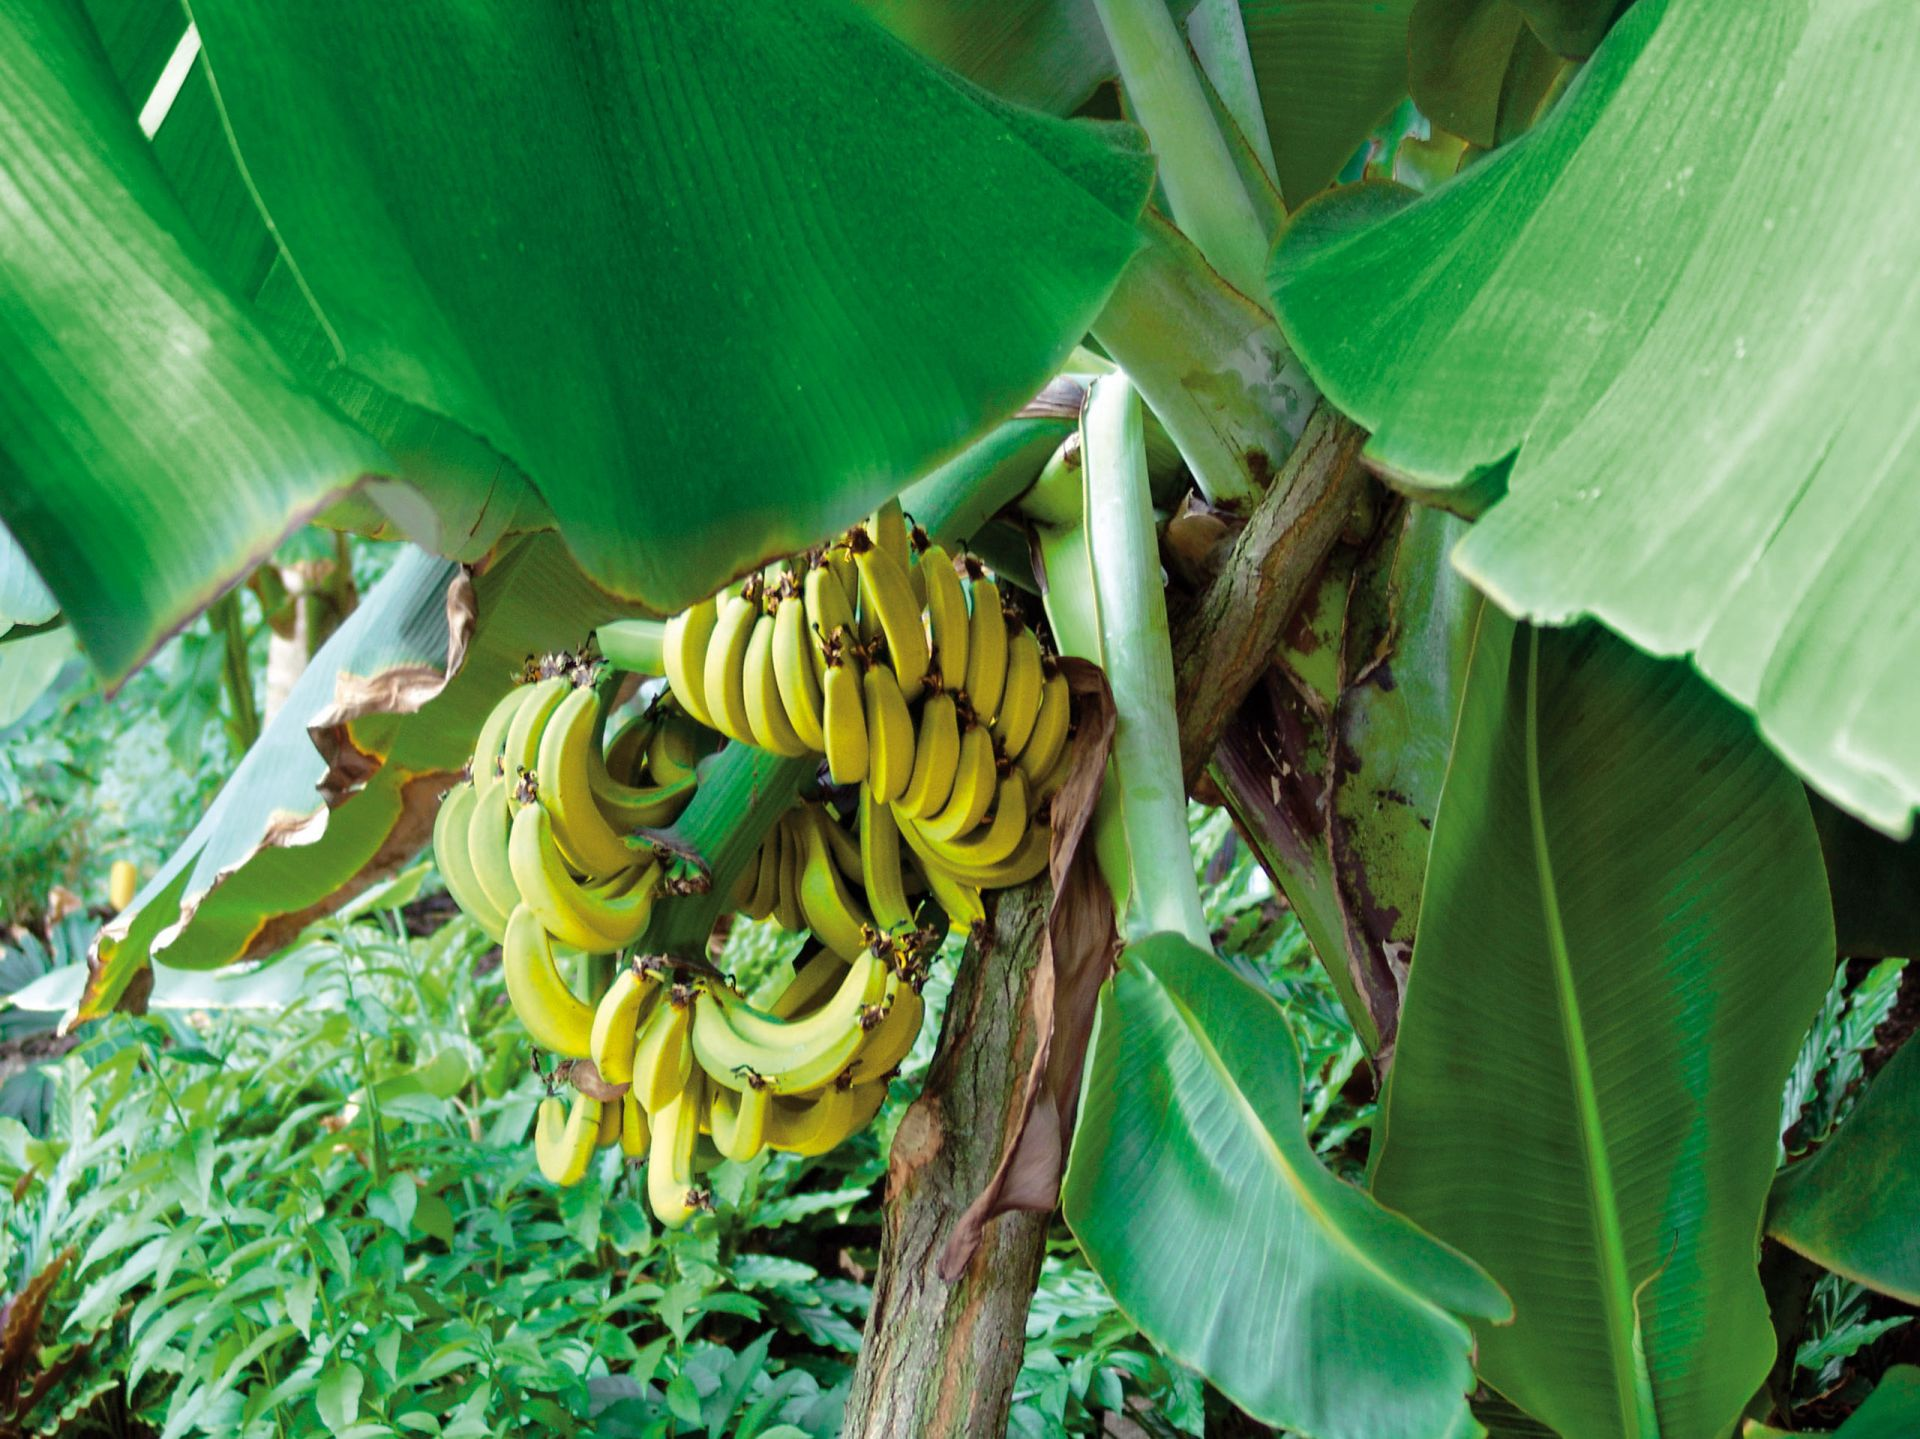 die Pflanzen des Tropenwaldes gedeien prächtig, sogar Bananen wachsen hier